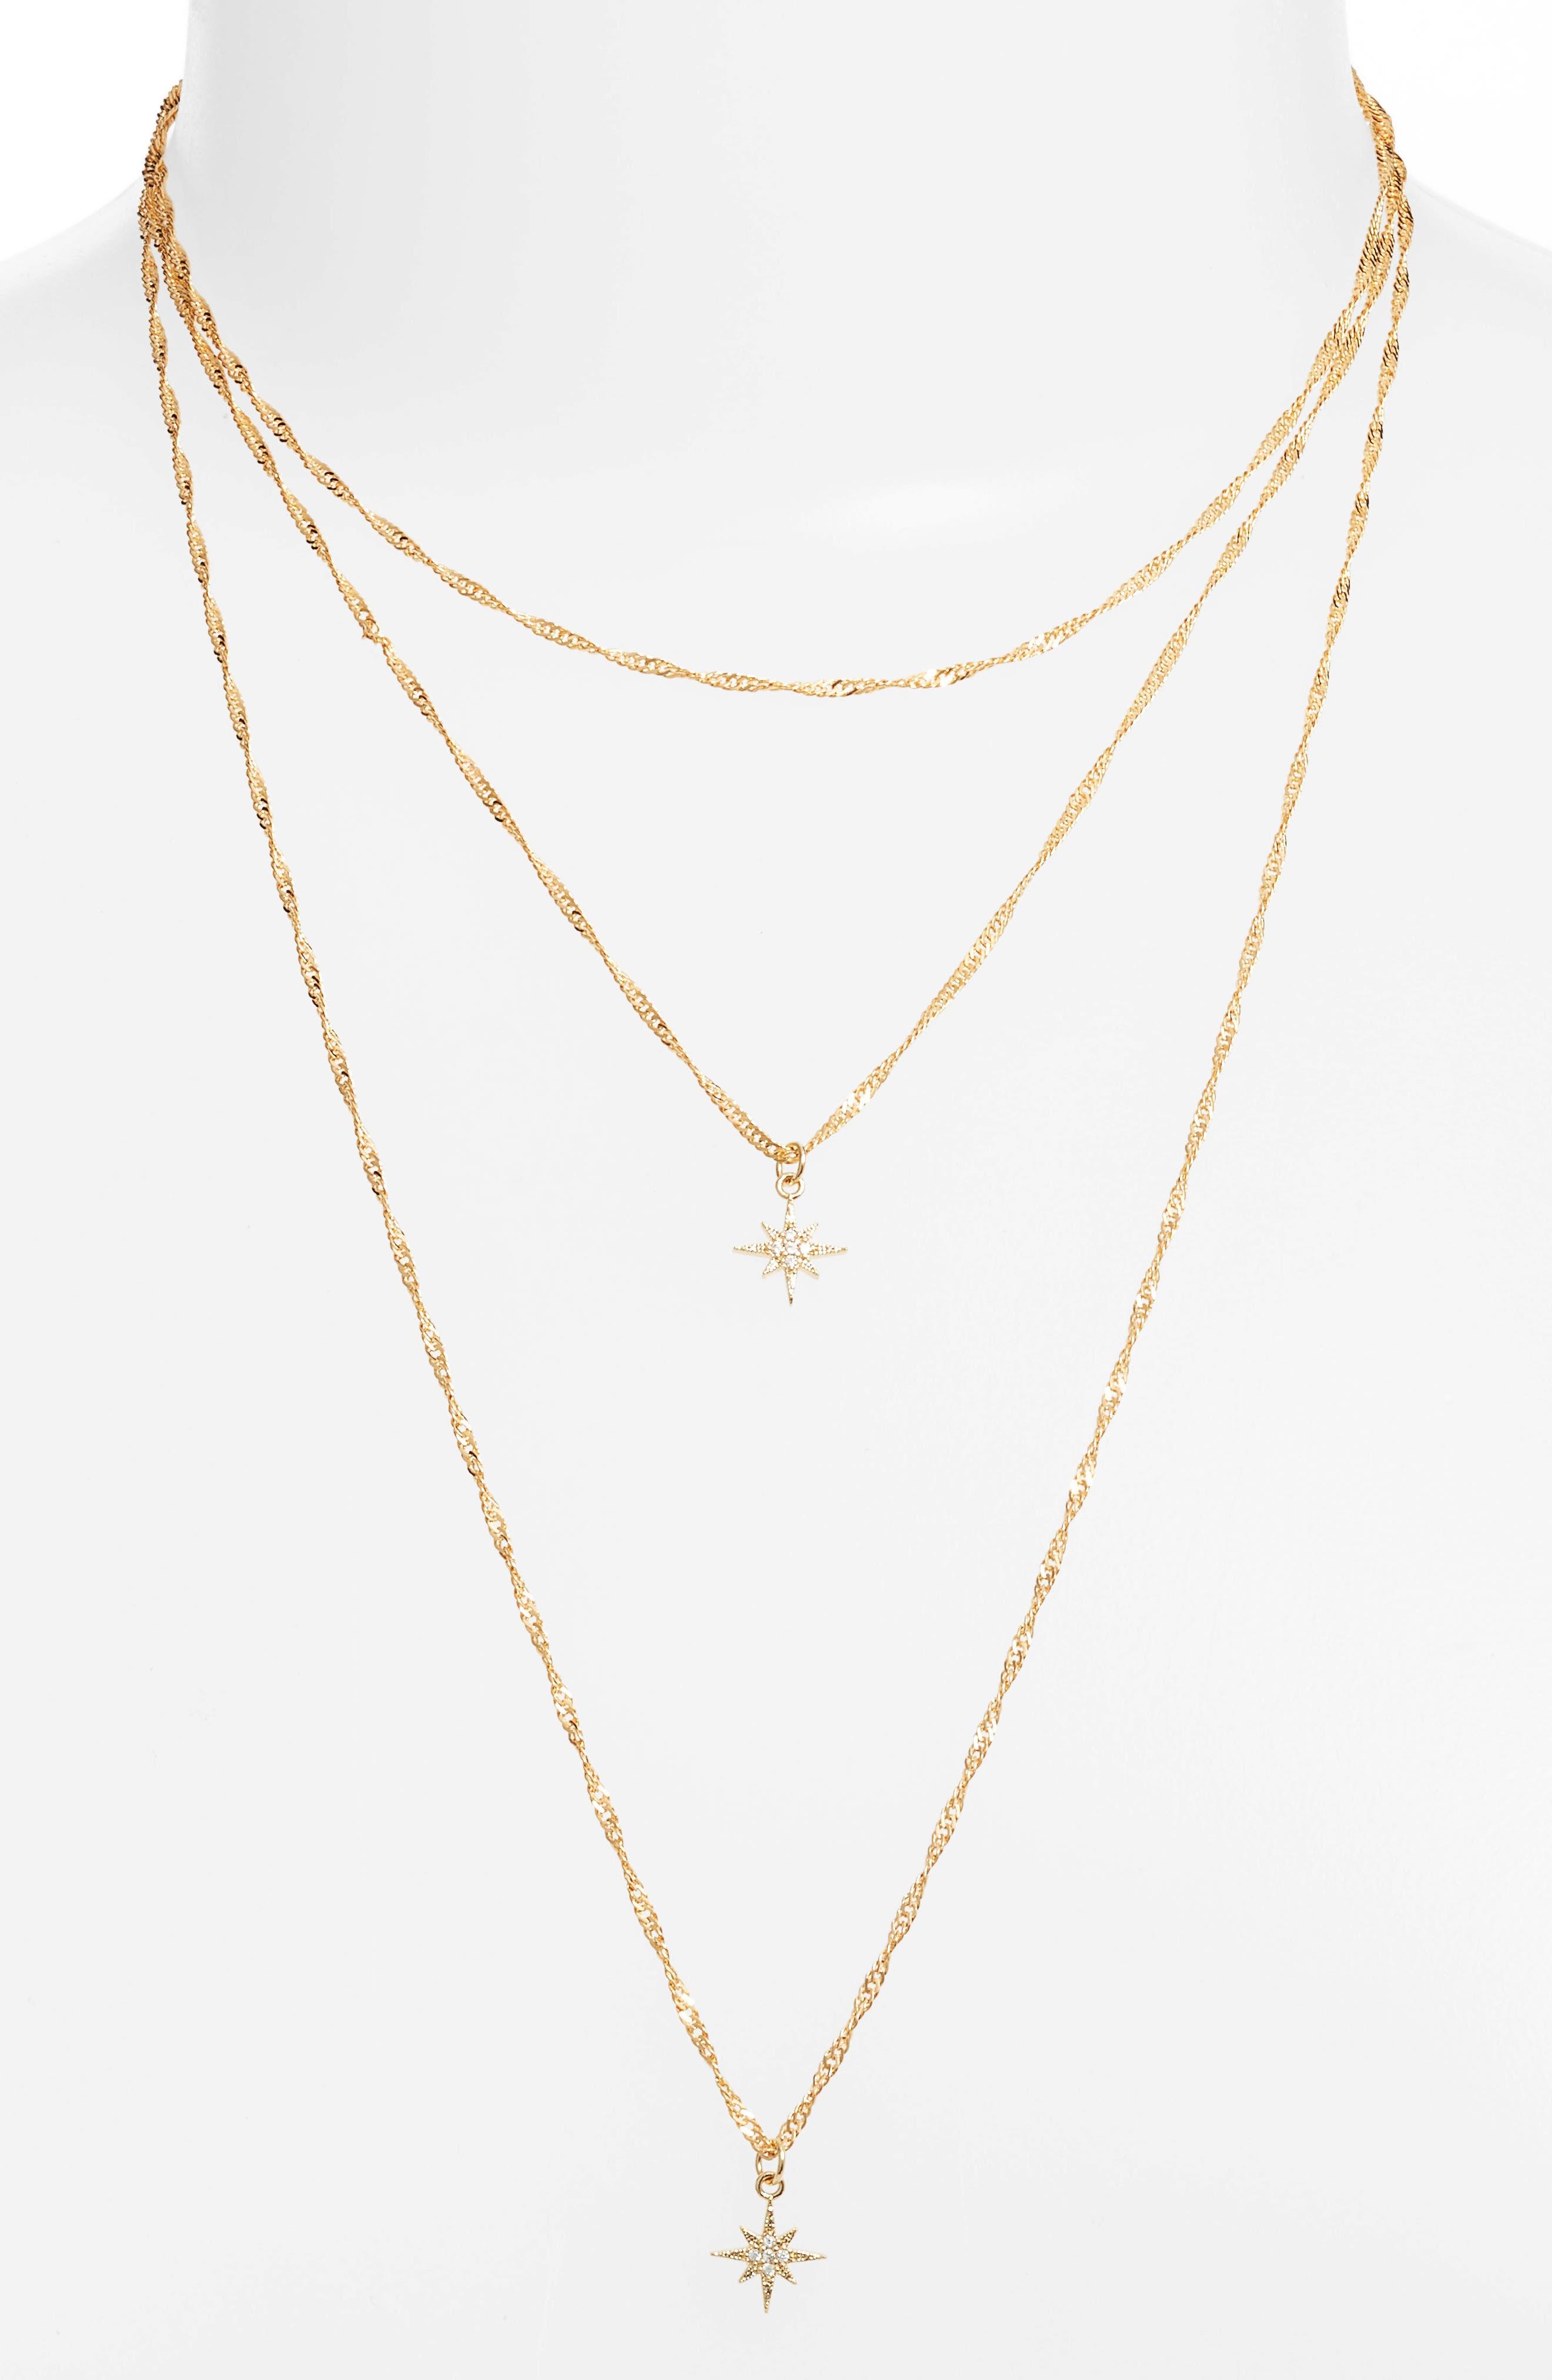 Yolanda Layered Necklace,                             Main thumbnail 1, color,                             GOLD